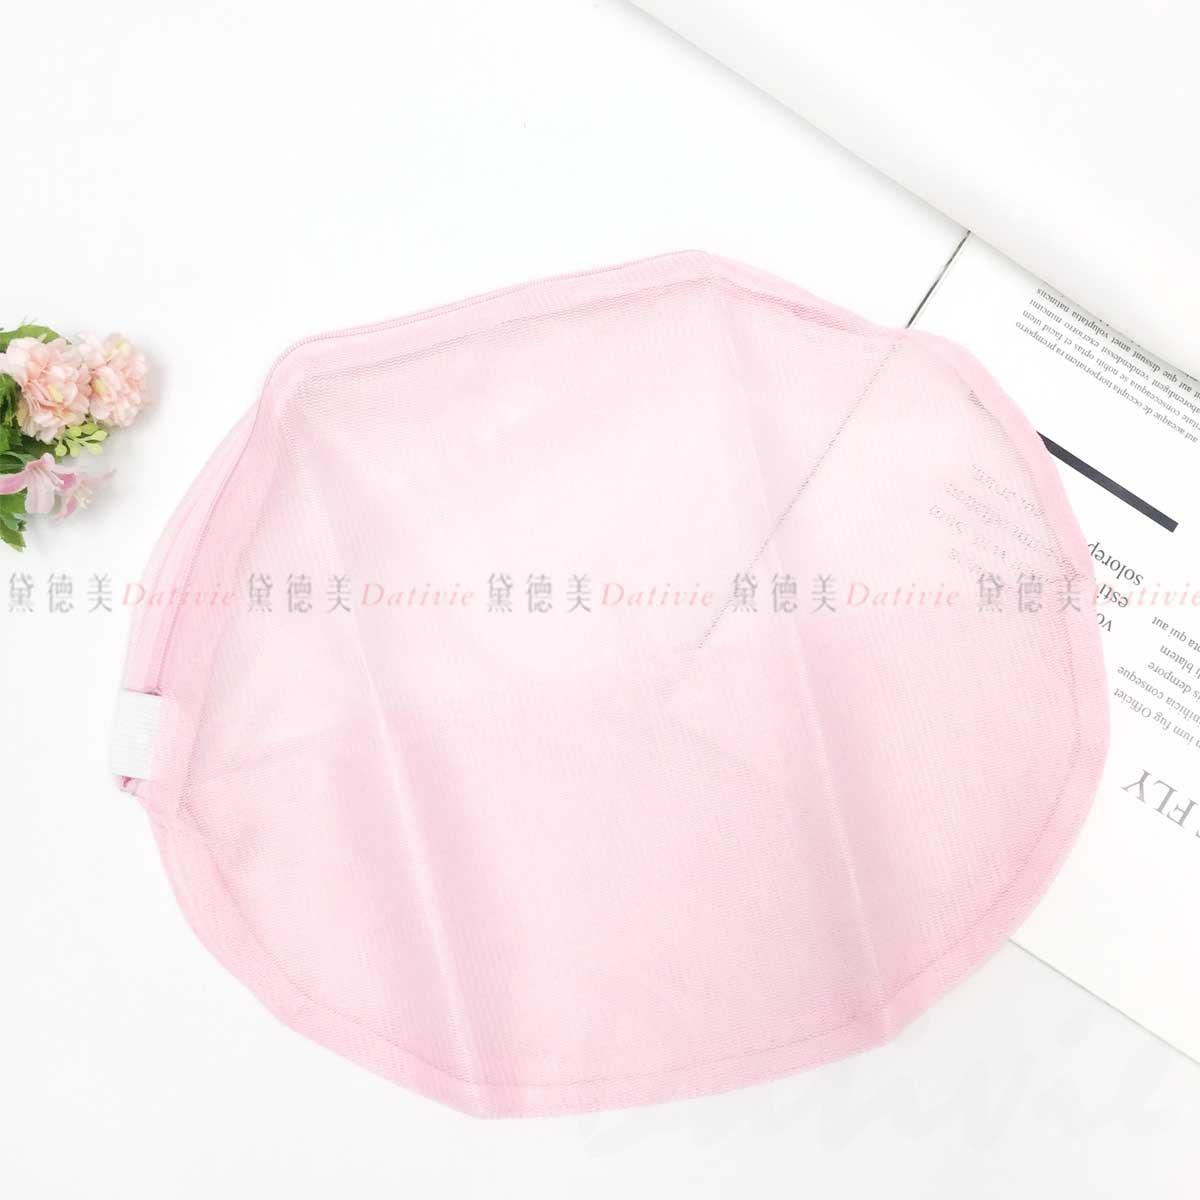 丸型洗衣袋 φ25cm-Soft laundry net  日本進口正版授權